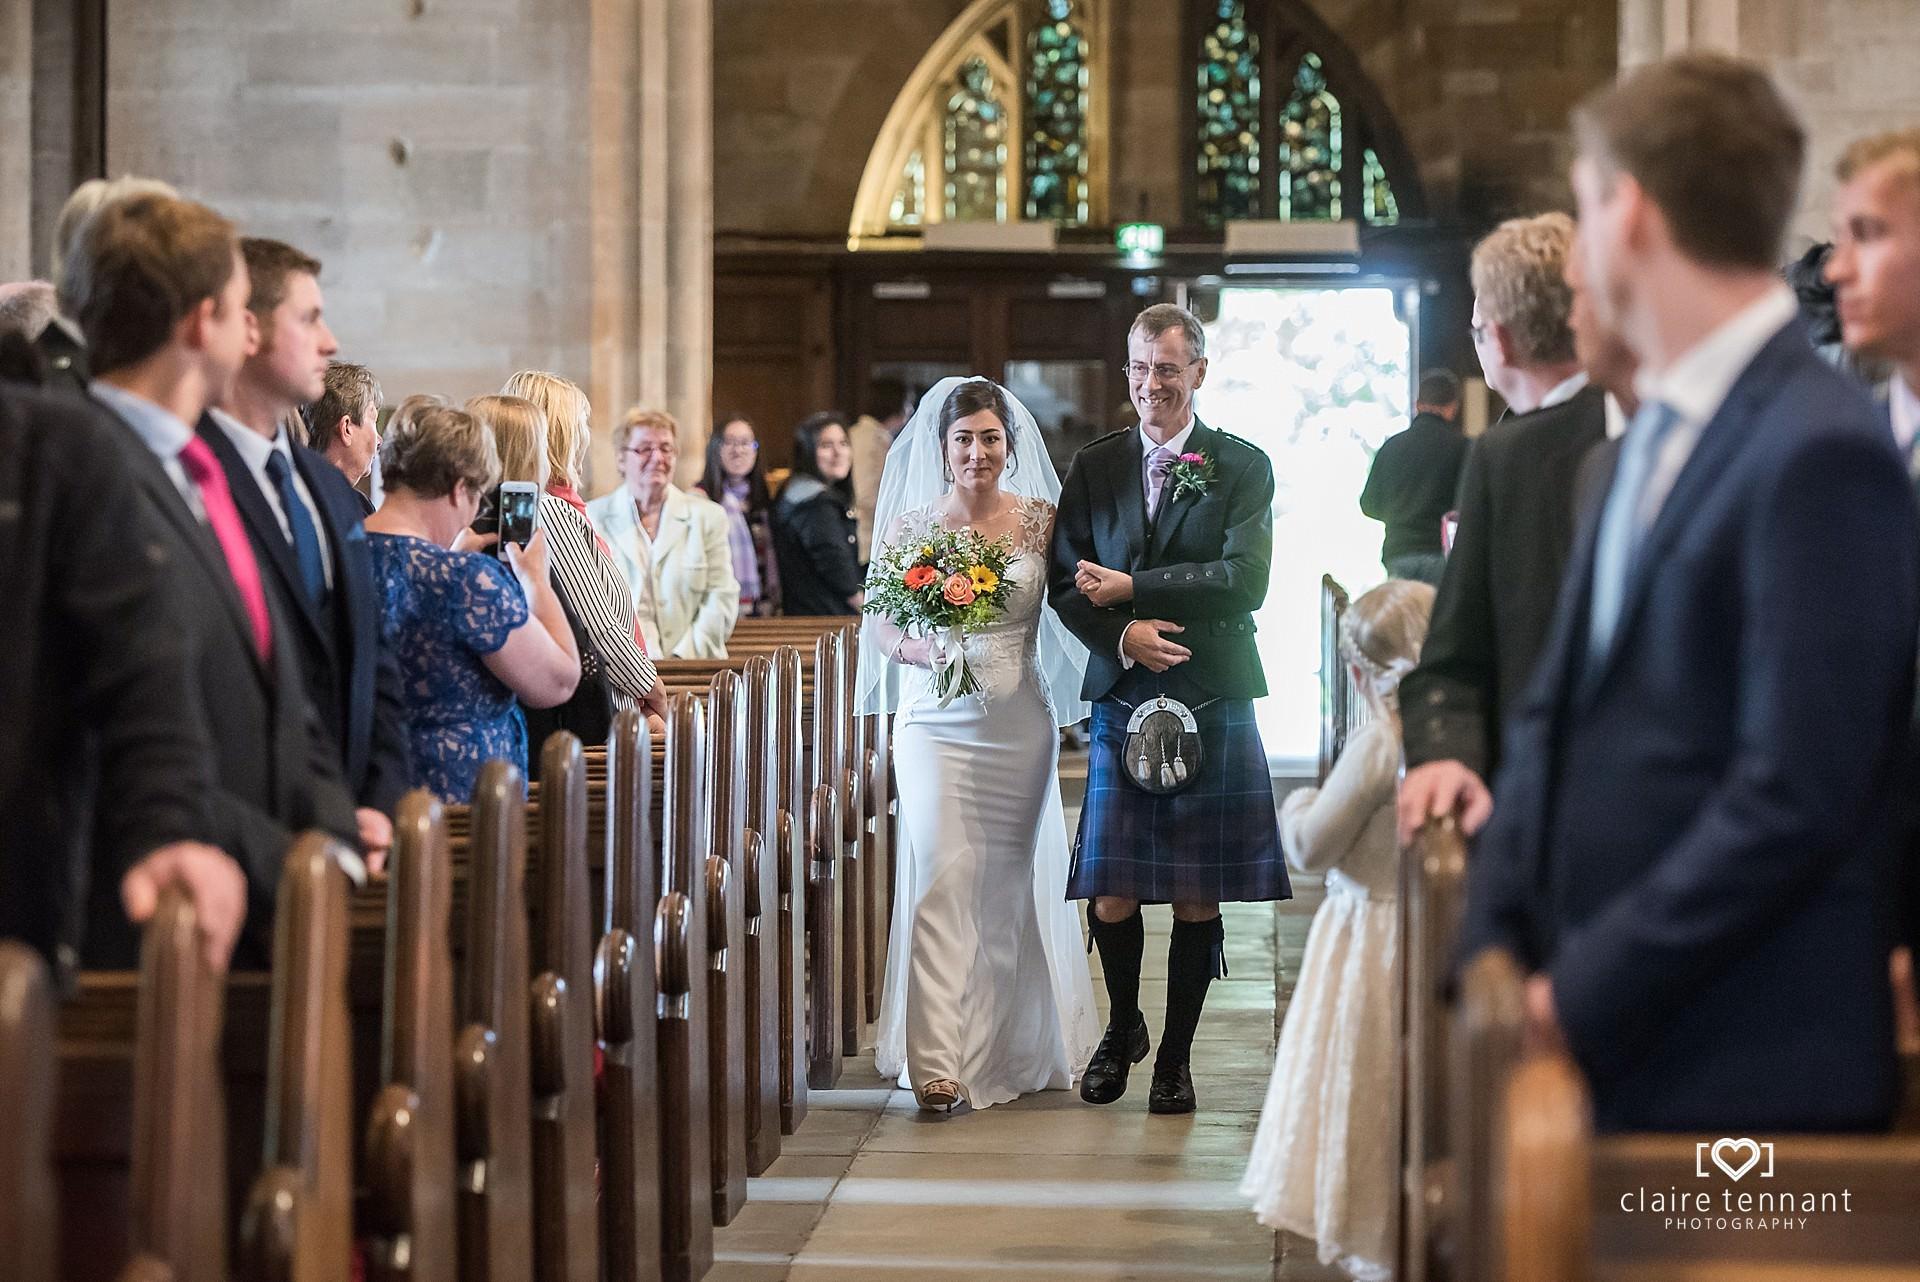 St Michael's Wedding ceremony